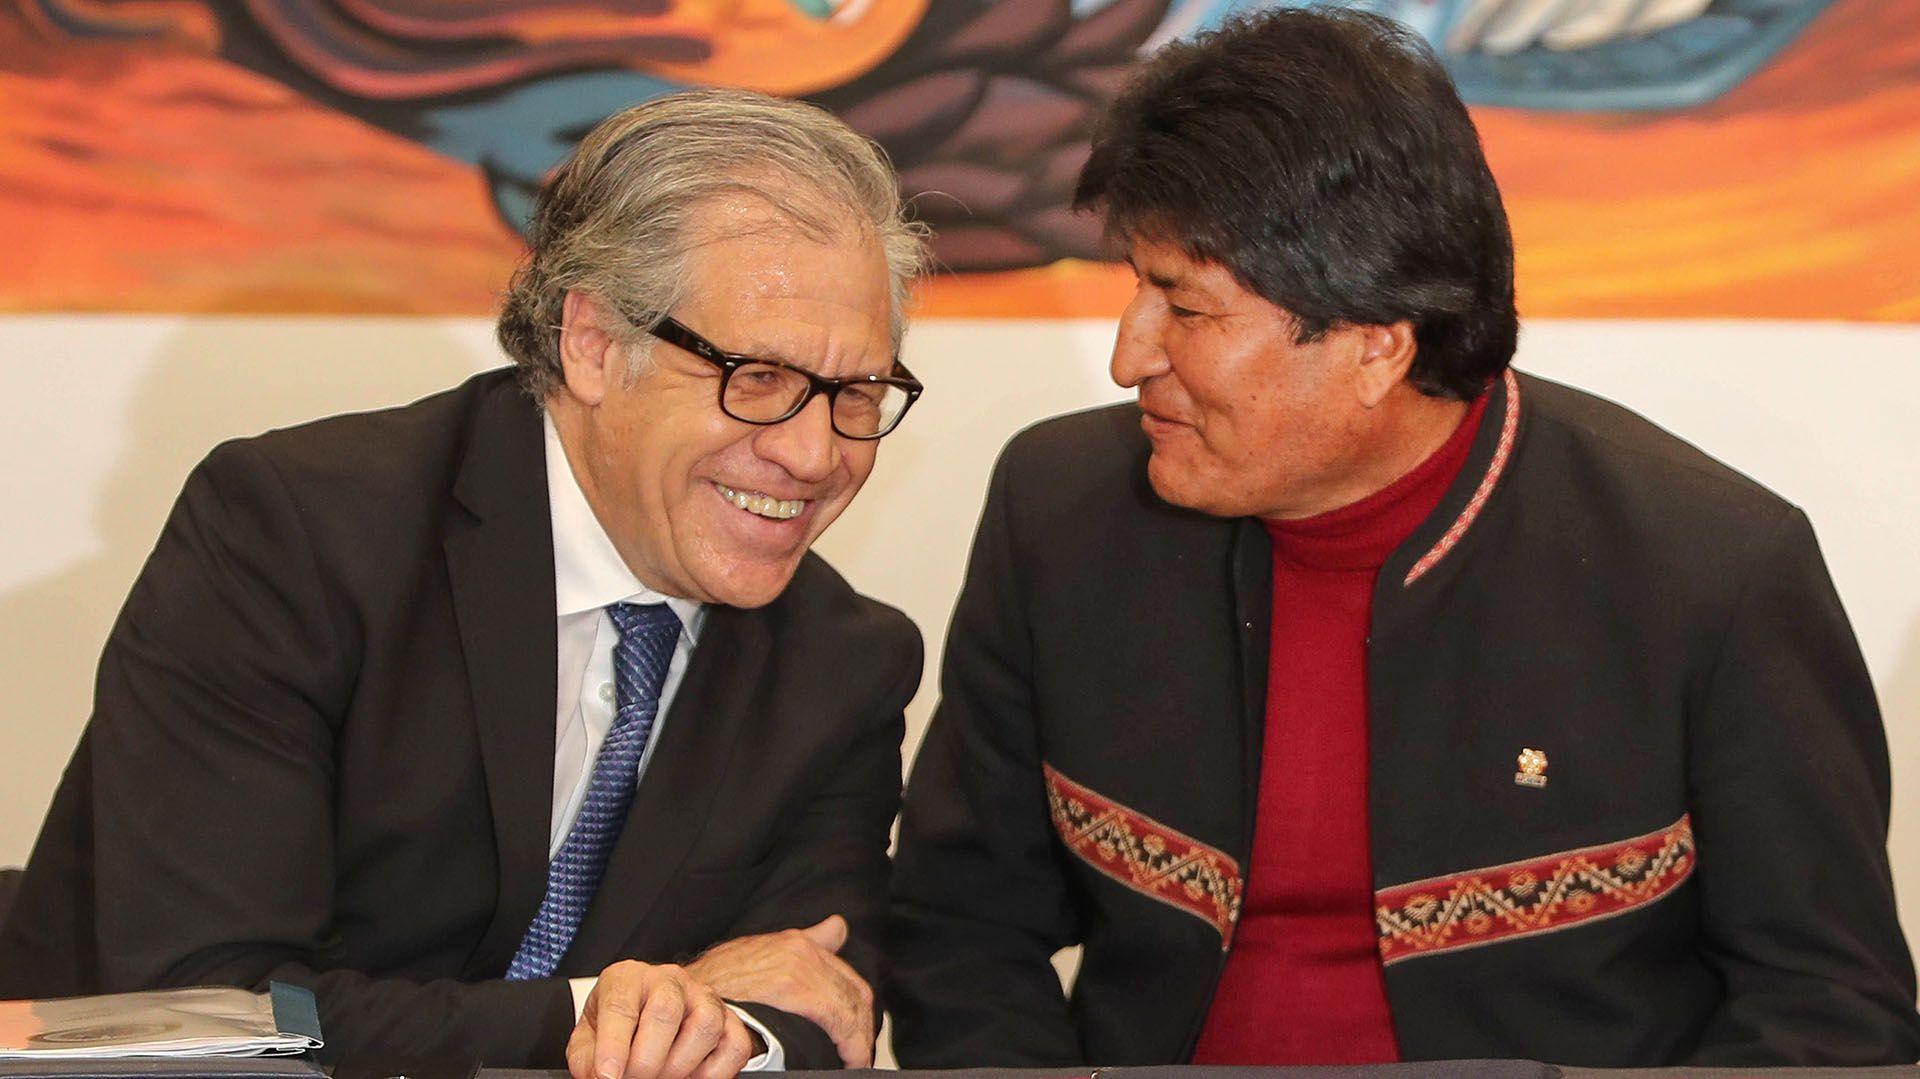 El secretario general de la Organización de Estados Americanos (OEA), Luis Almagro, conversando con el presidente de Bolivia, Evo Morales, durante la firma de un acuerdo el 17 de mayo de 2019 en La Paz